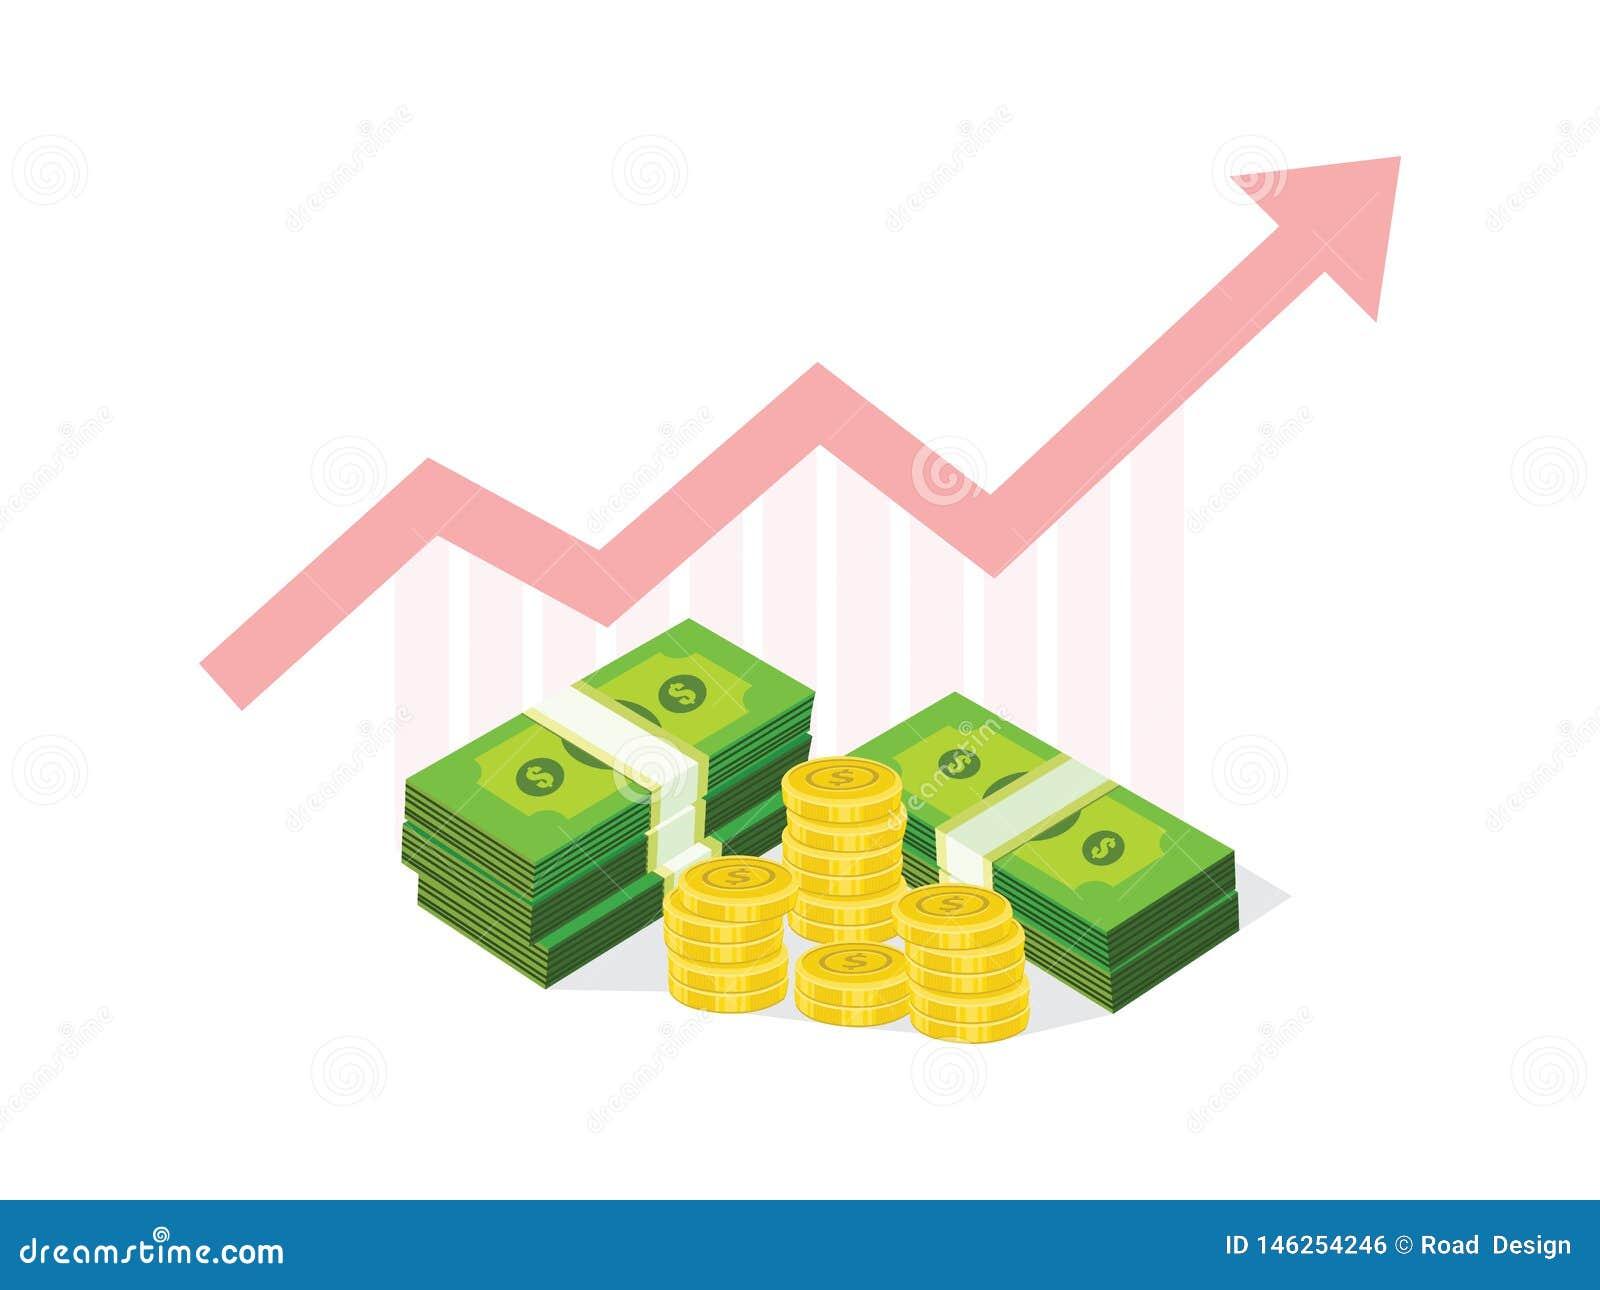 Διάνυσμα επιχειρησιακών εικονιδίων για την οικονομική γραφική παράσταση χρημάτων έννοιας επιτυχίας